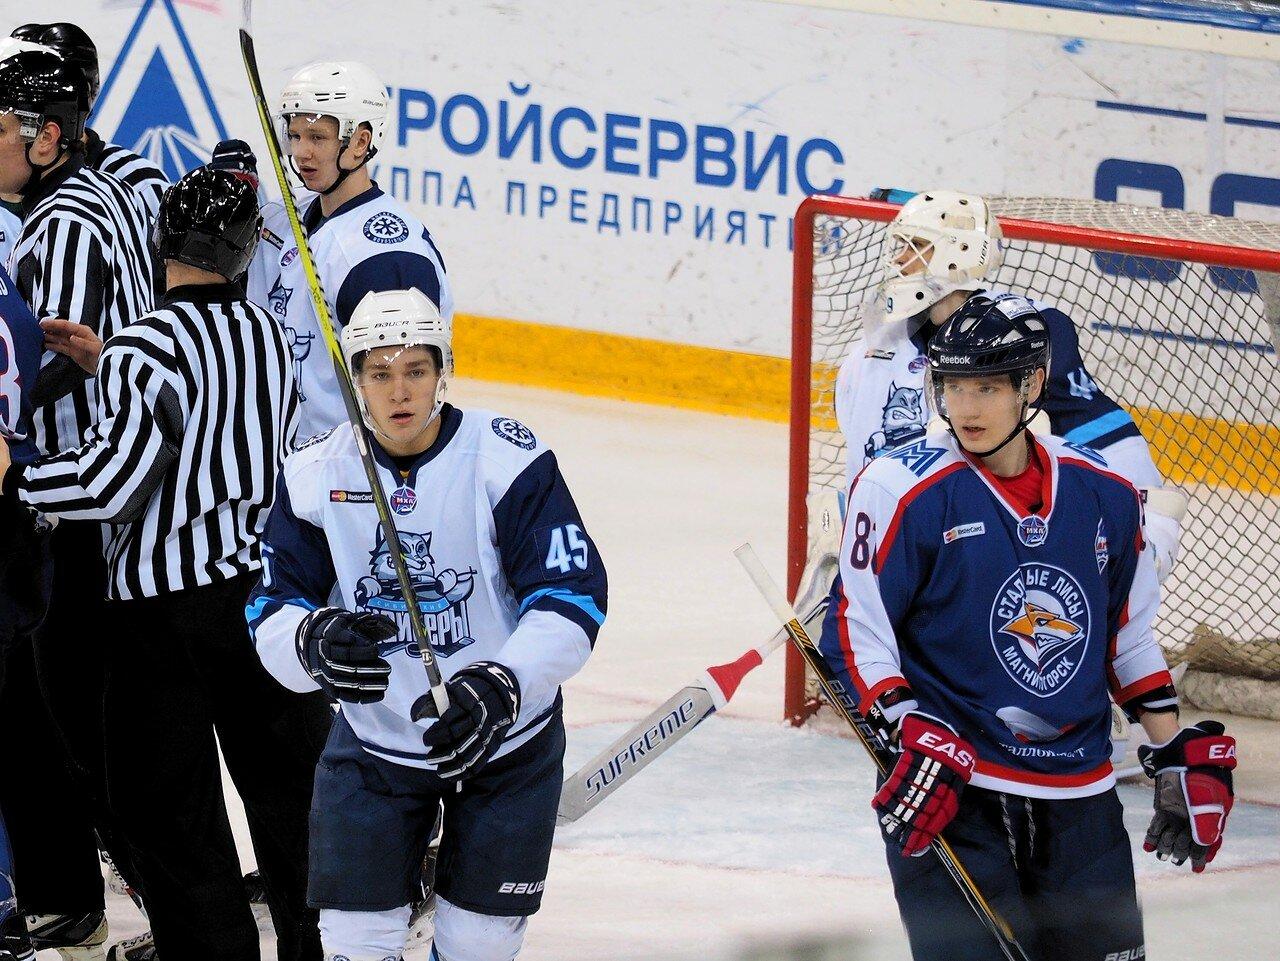 24 Стальные Лисы - Сибирские Снайперы 12.03.2017